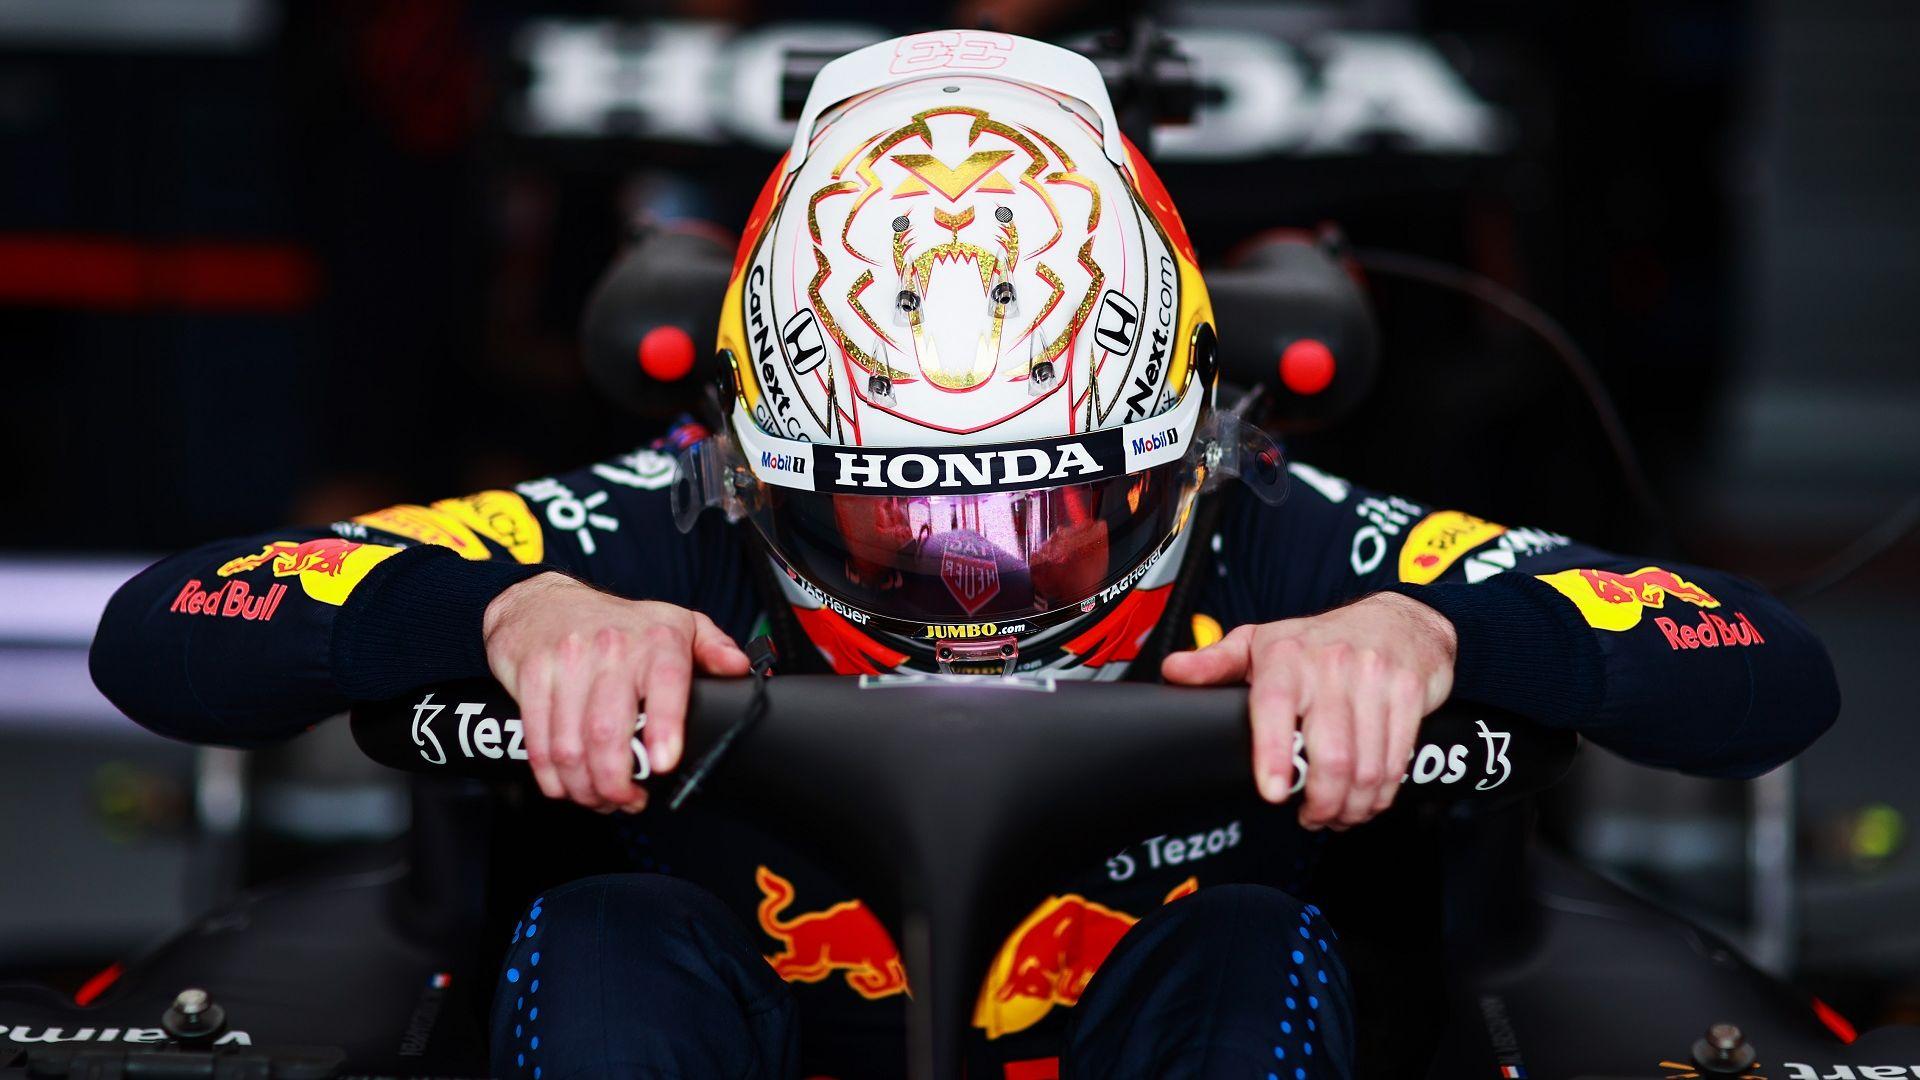 Макс Верстапен бе най-бърз и ще тръгва от първата позиция във Франция